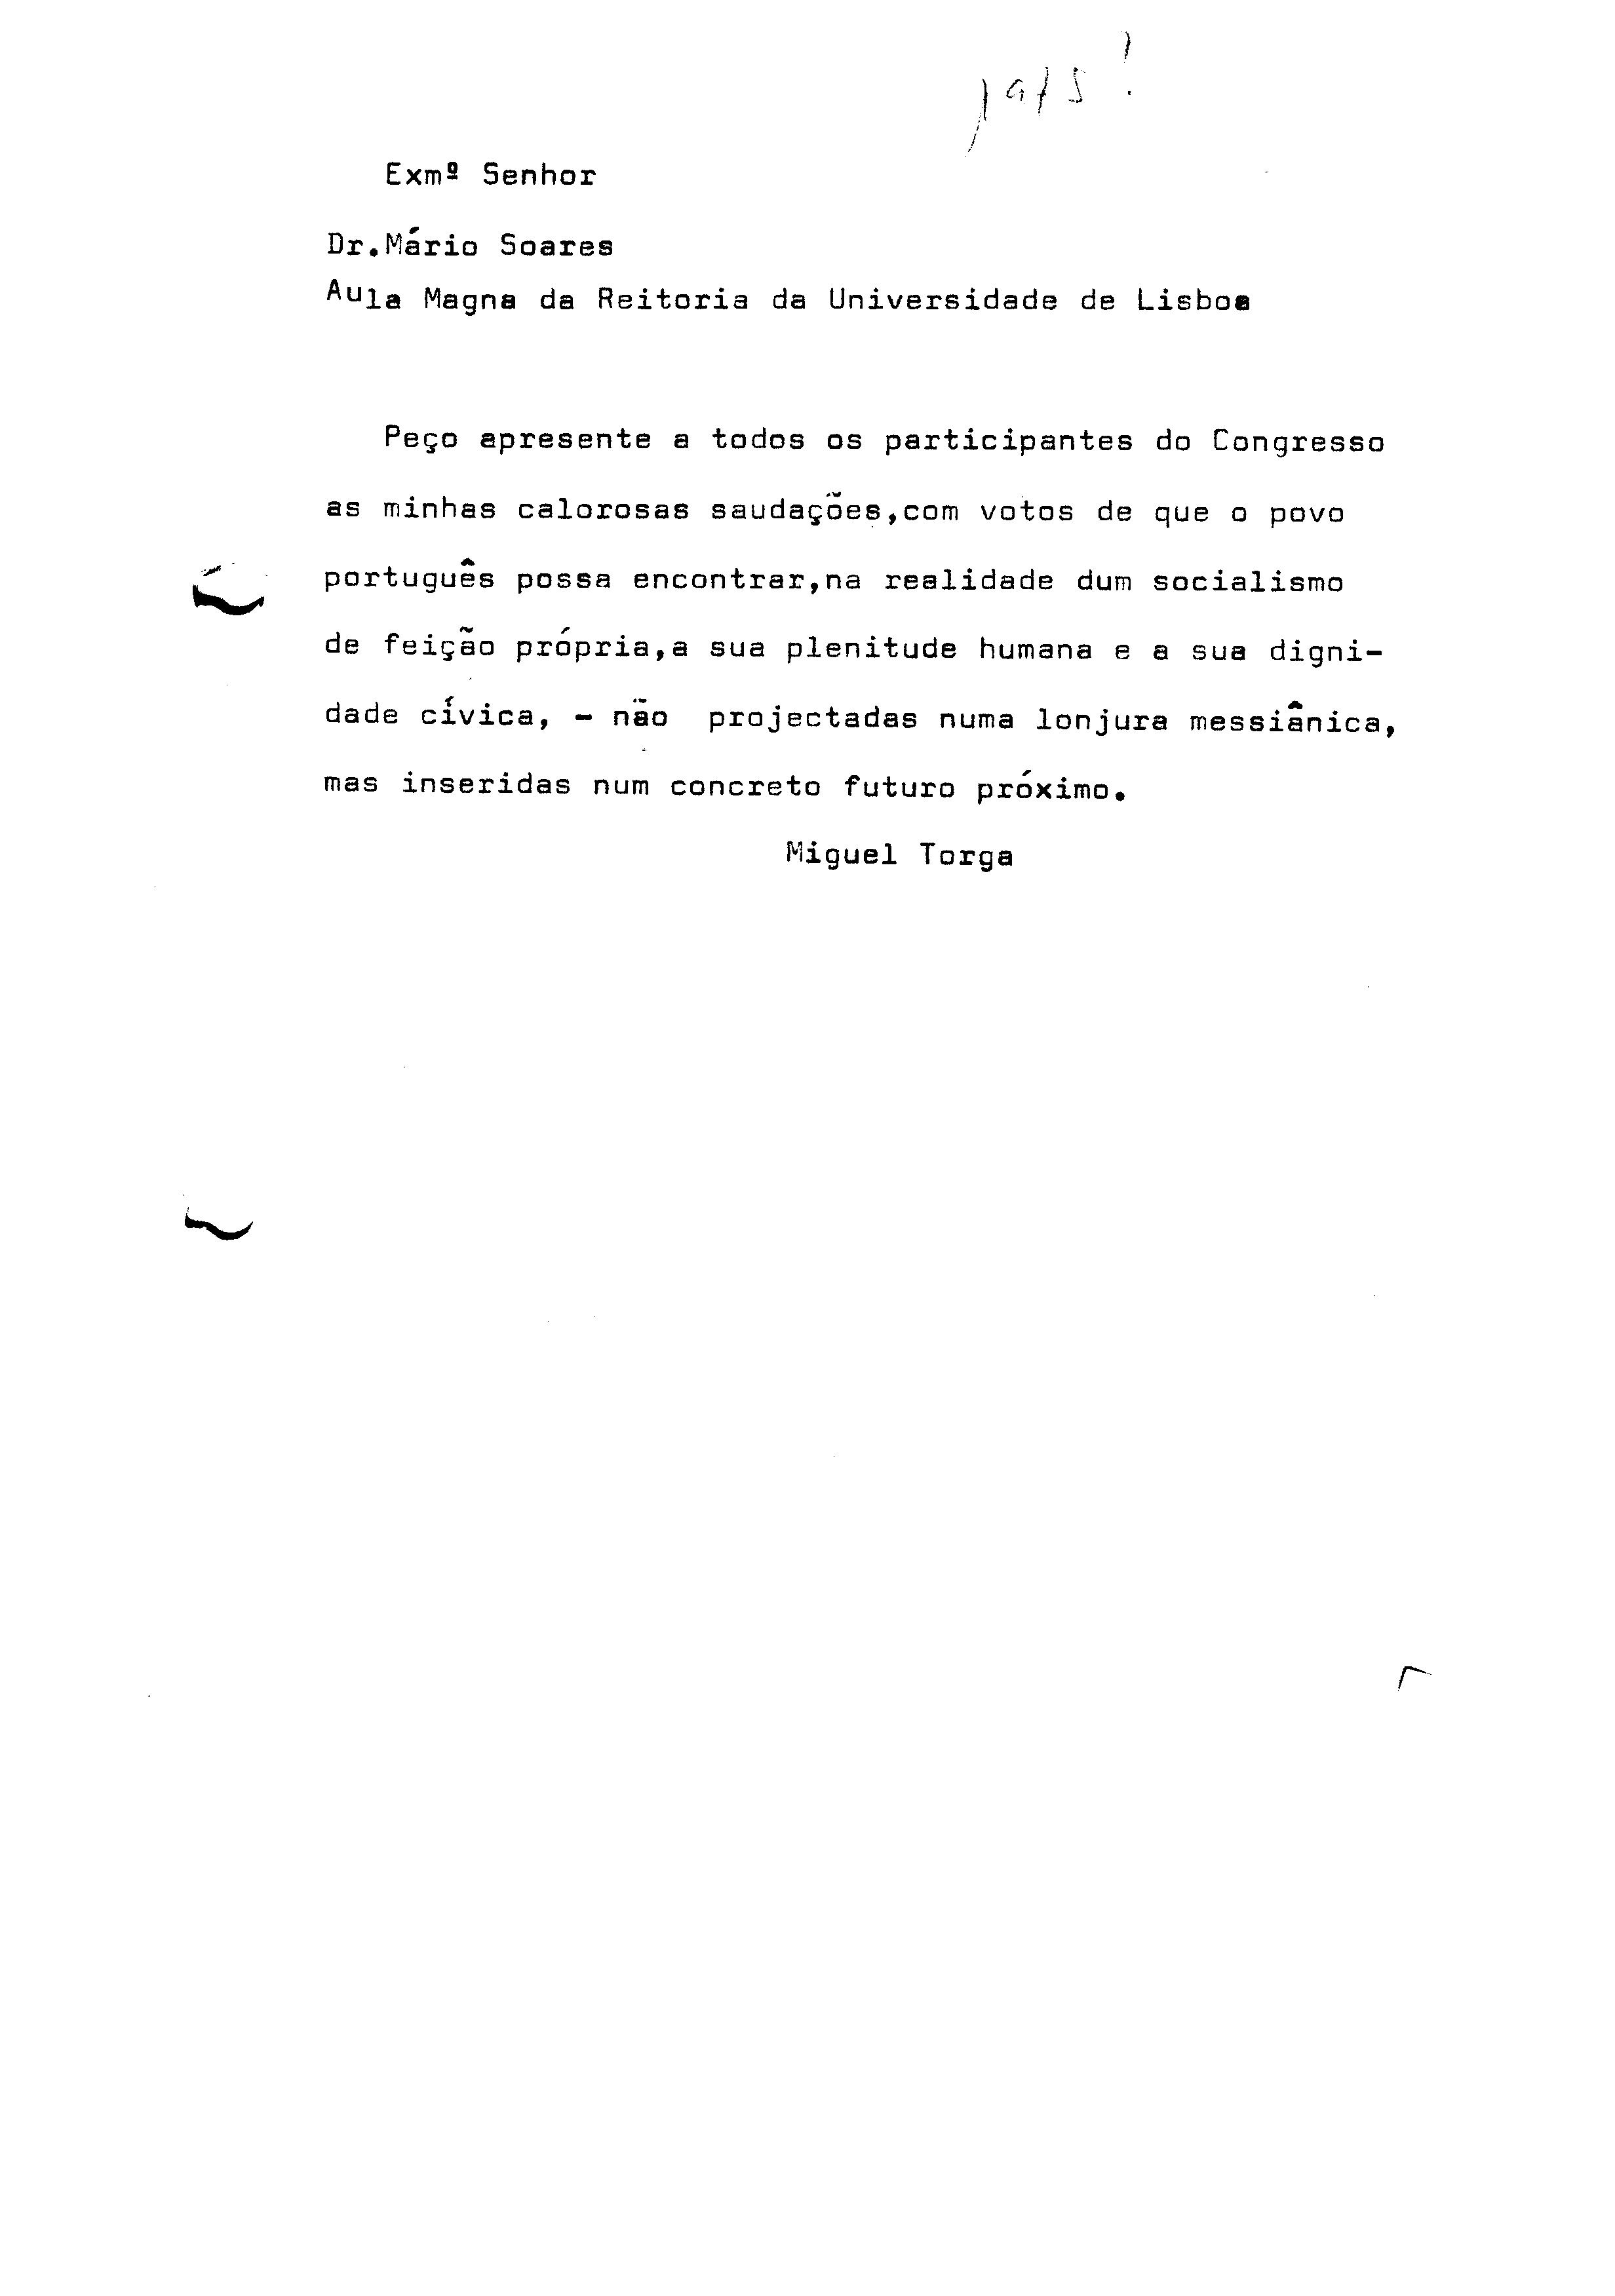 00547.007- pag.1